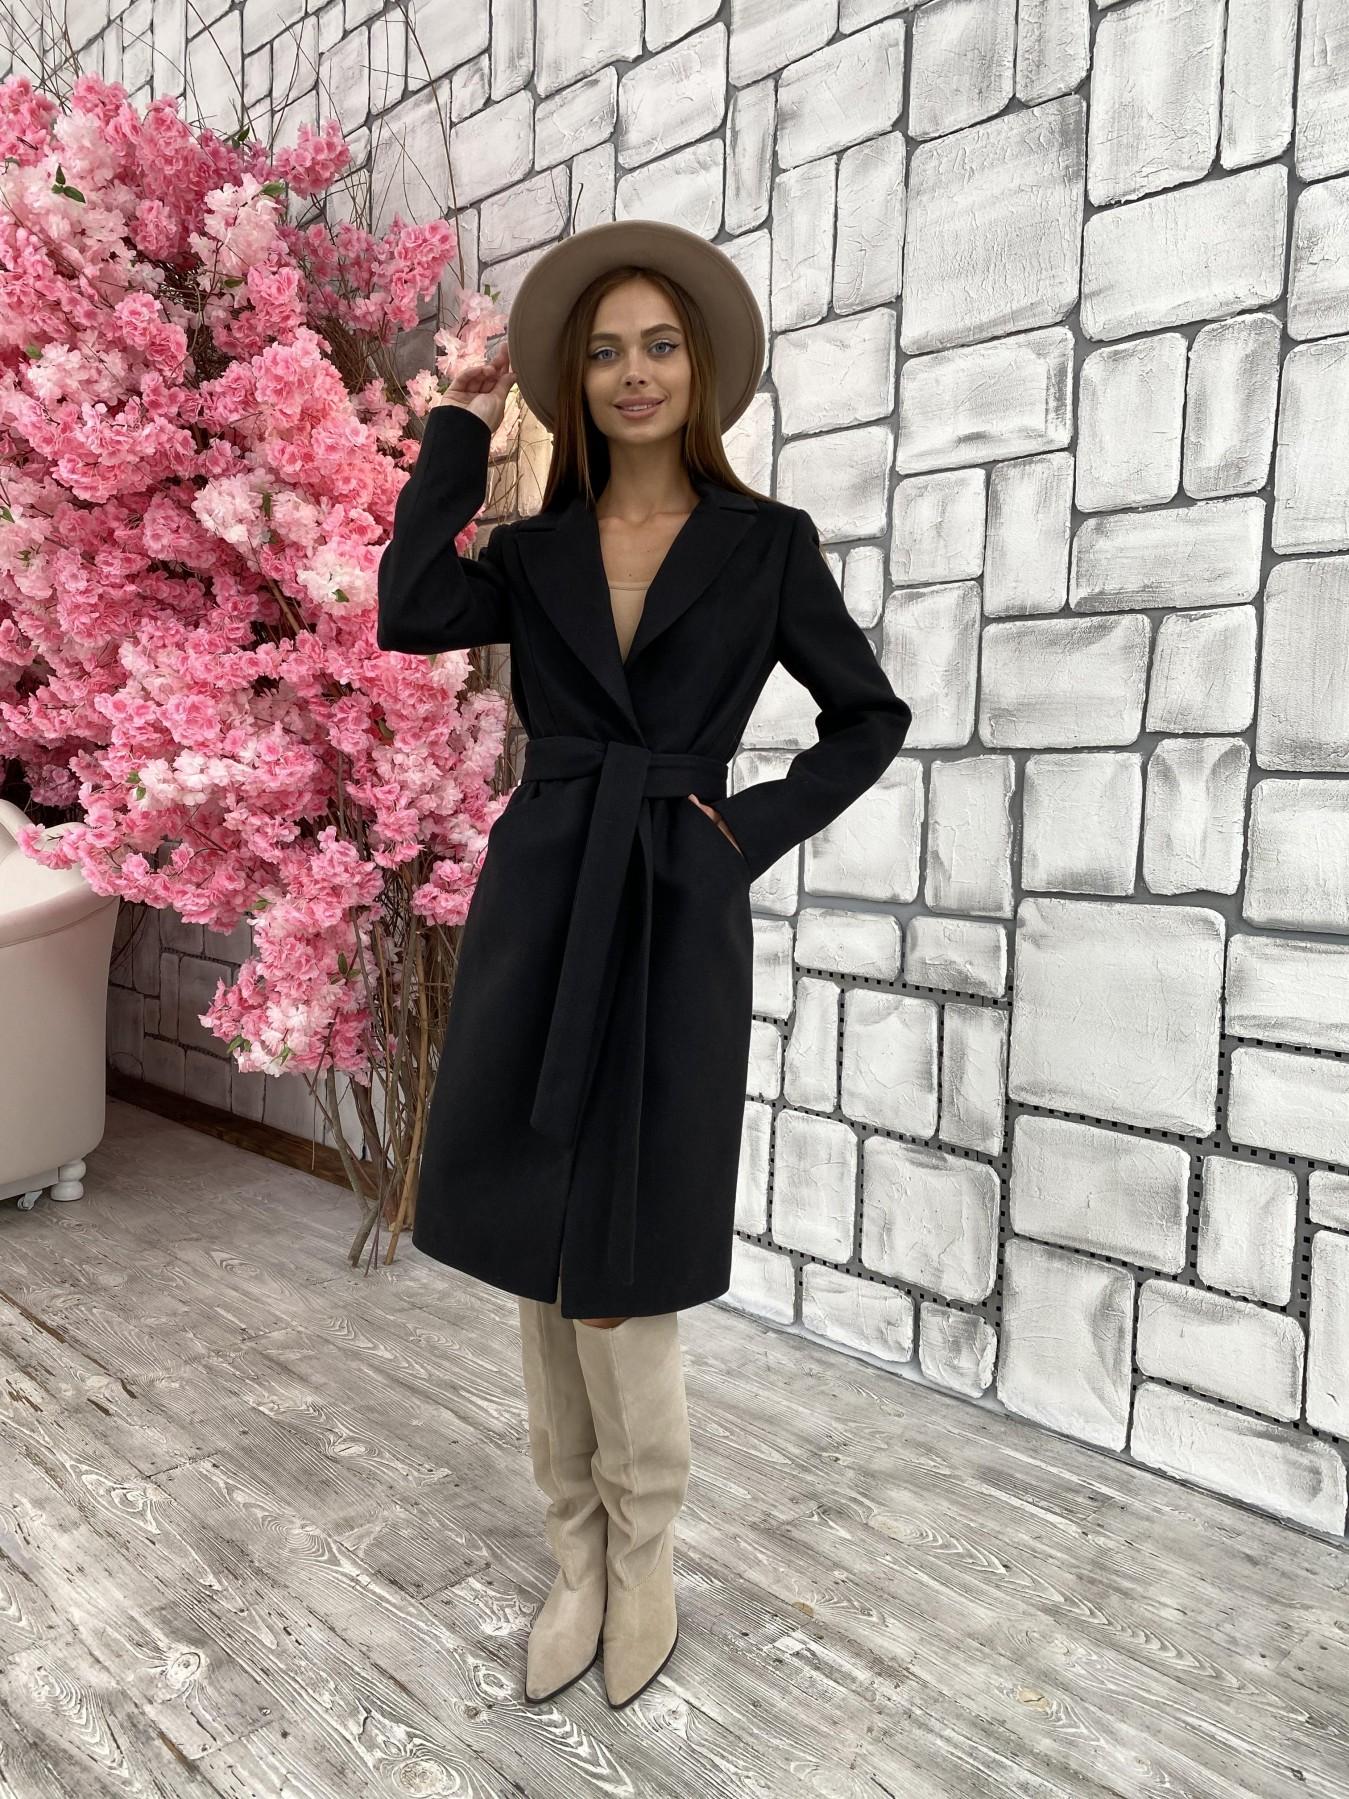 Мехико кашемир гладкий пальто 11643 АРТ. 48353 Цвет: Черный - фото 3, интернет магазин tm-modus.ru